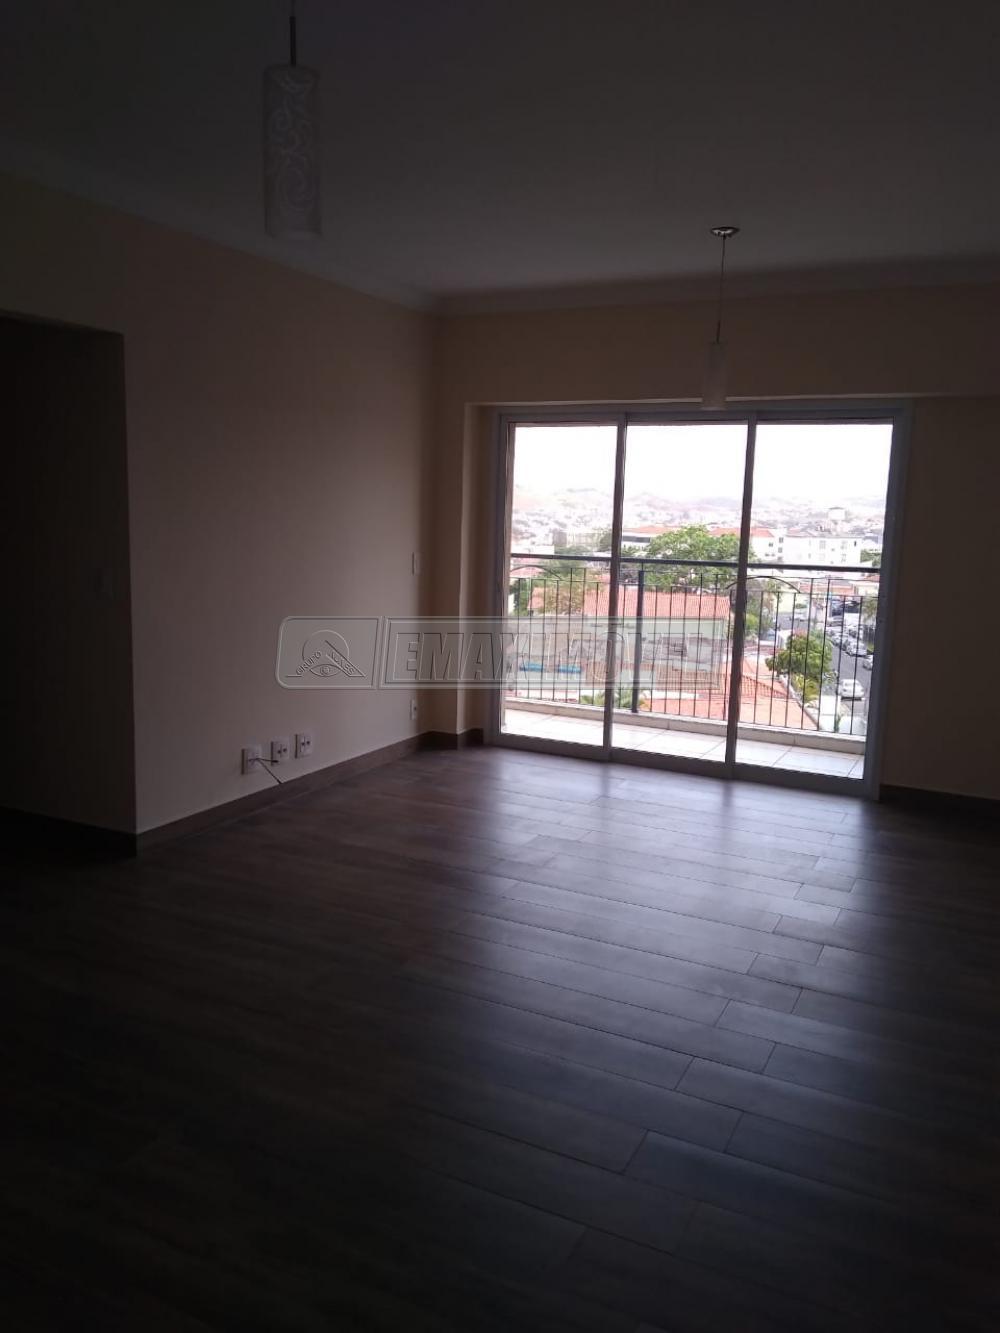 Comprar Apartamentos / Apto Padrão em Sorocaba apenas R$ 490.000,00 - Foto 4